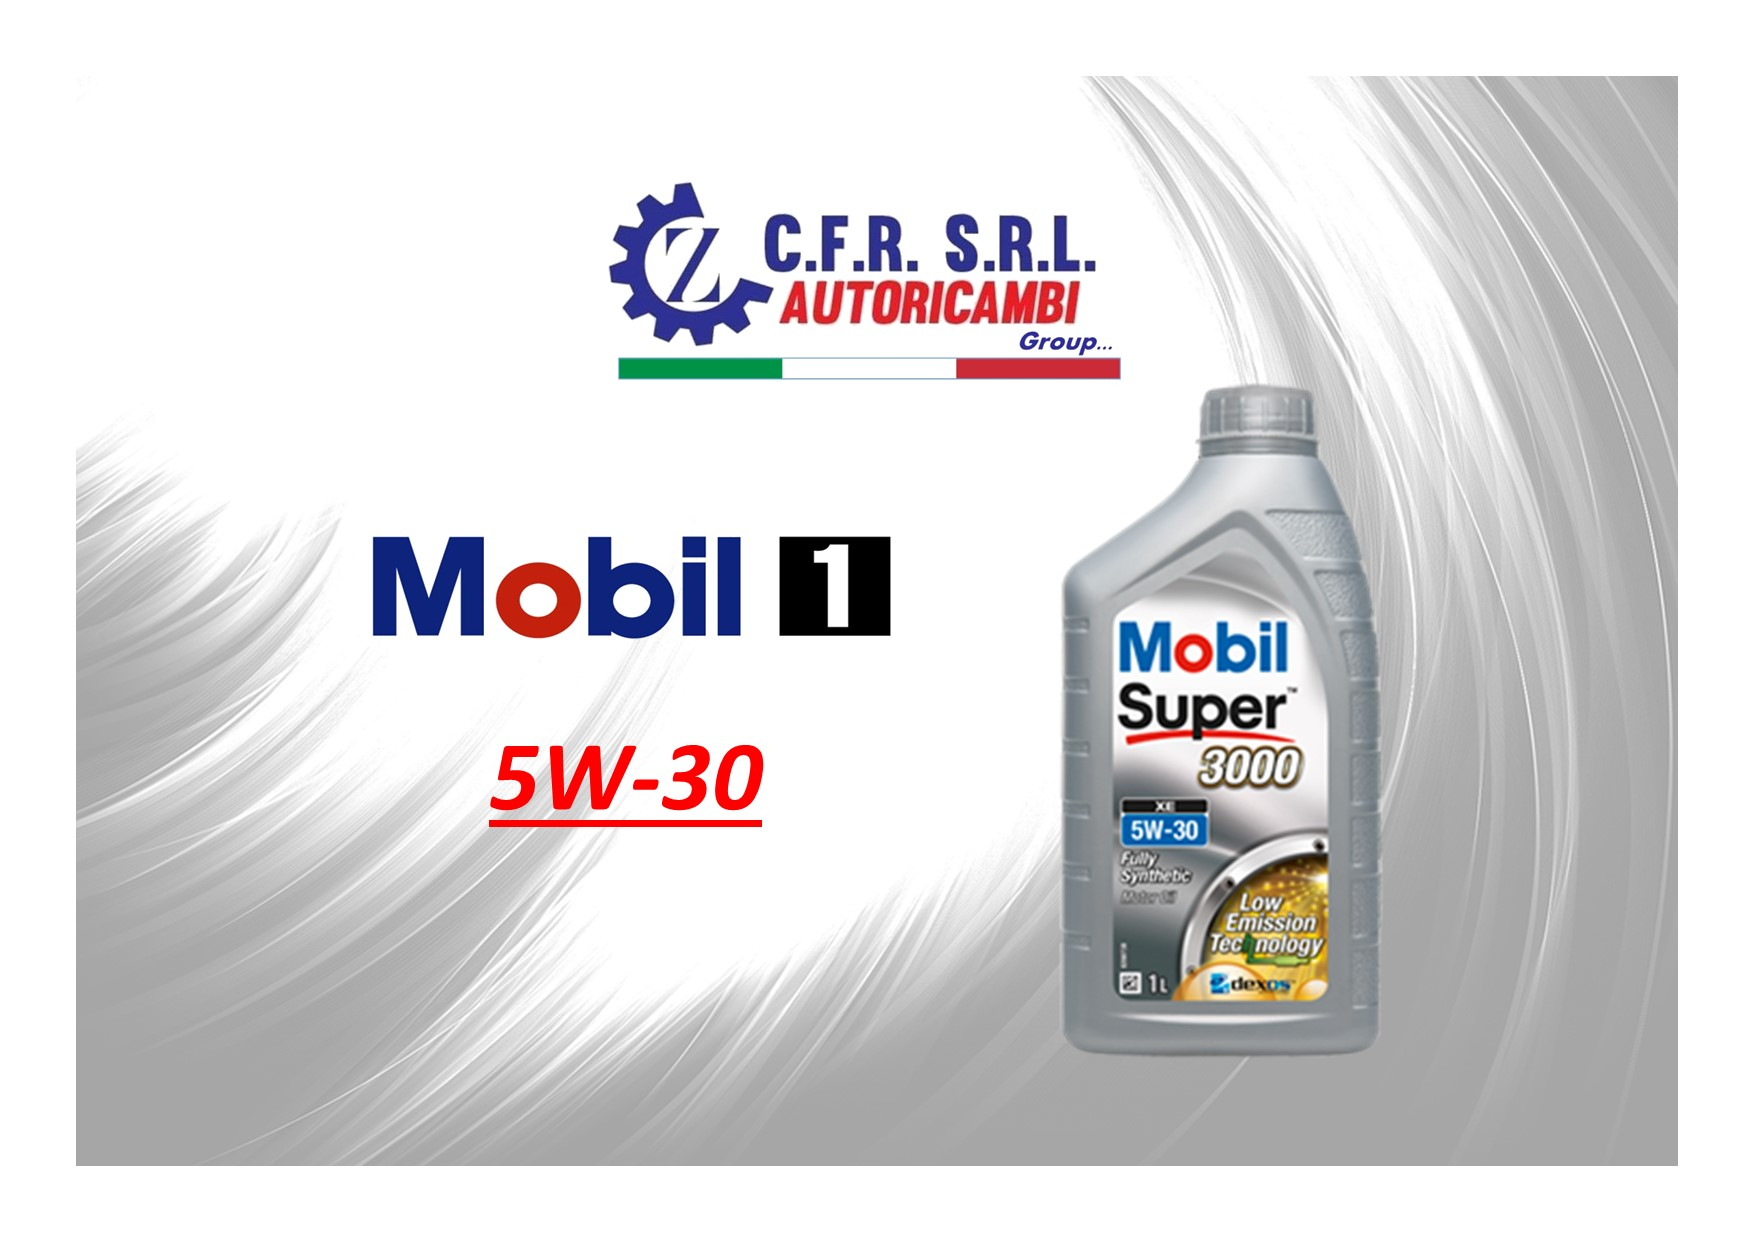 OLIO LUBRIFICANTE MOBIL SUPER 3000 5W-30 FORMULA XE